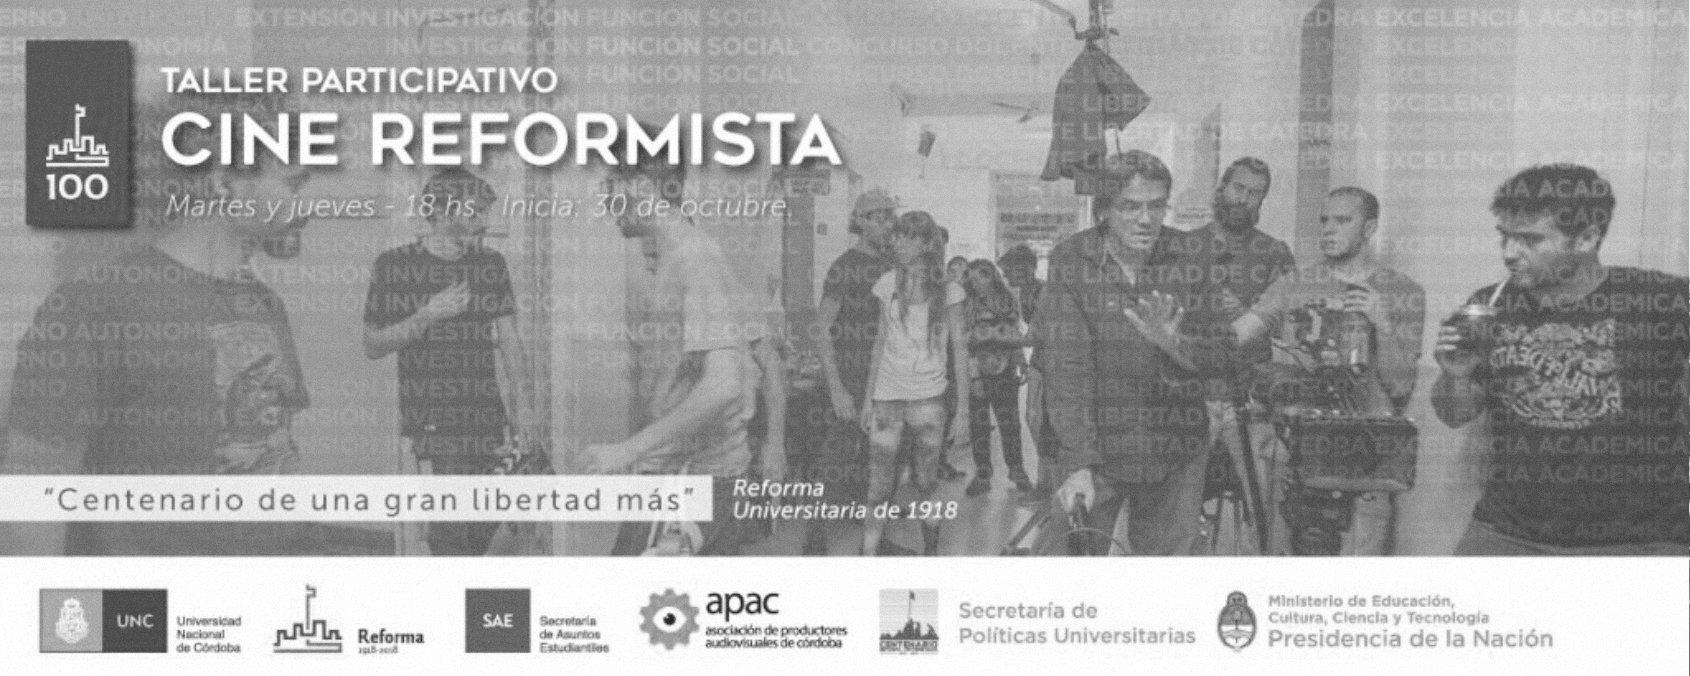 Talleres participativos: Cine Reformista